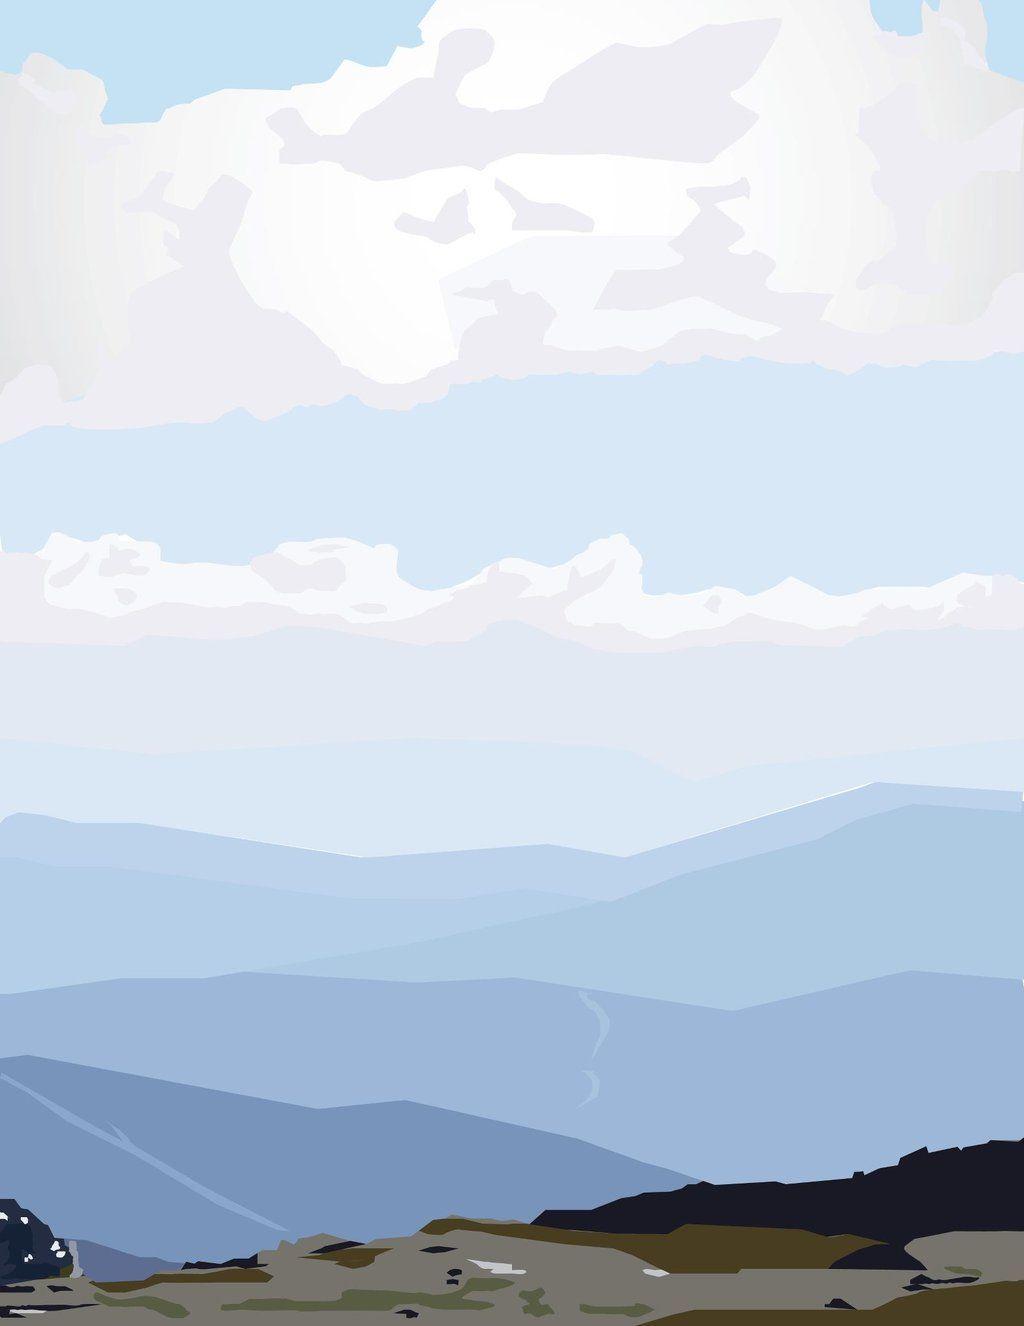 Landscape Perspective Digital Art